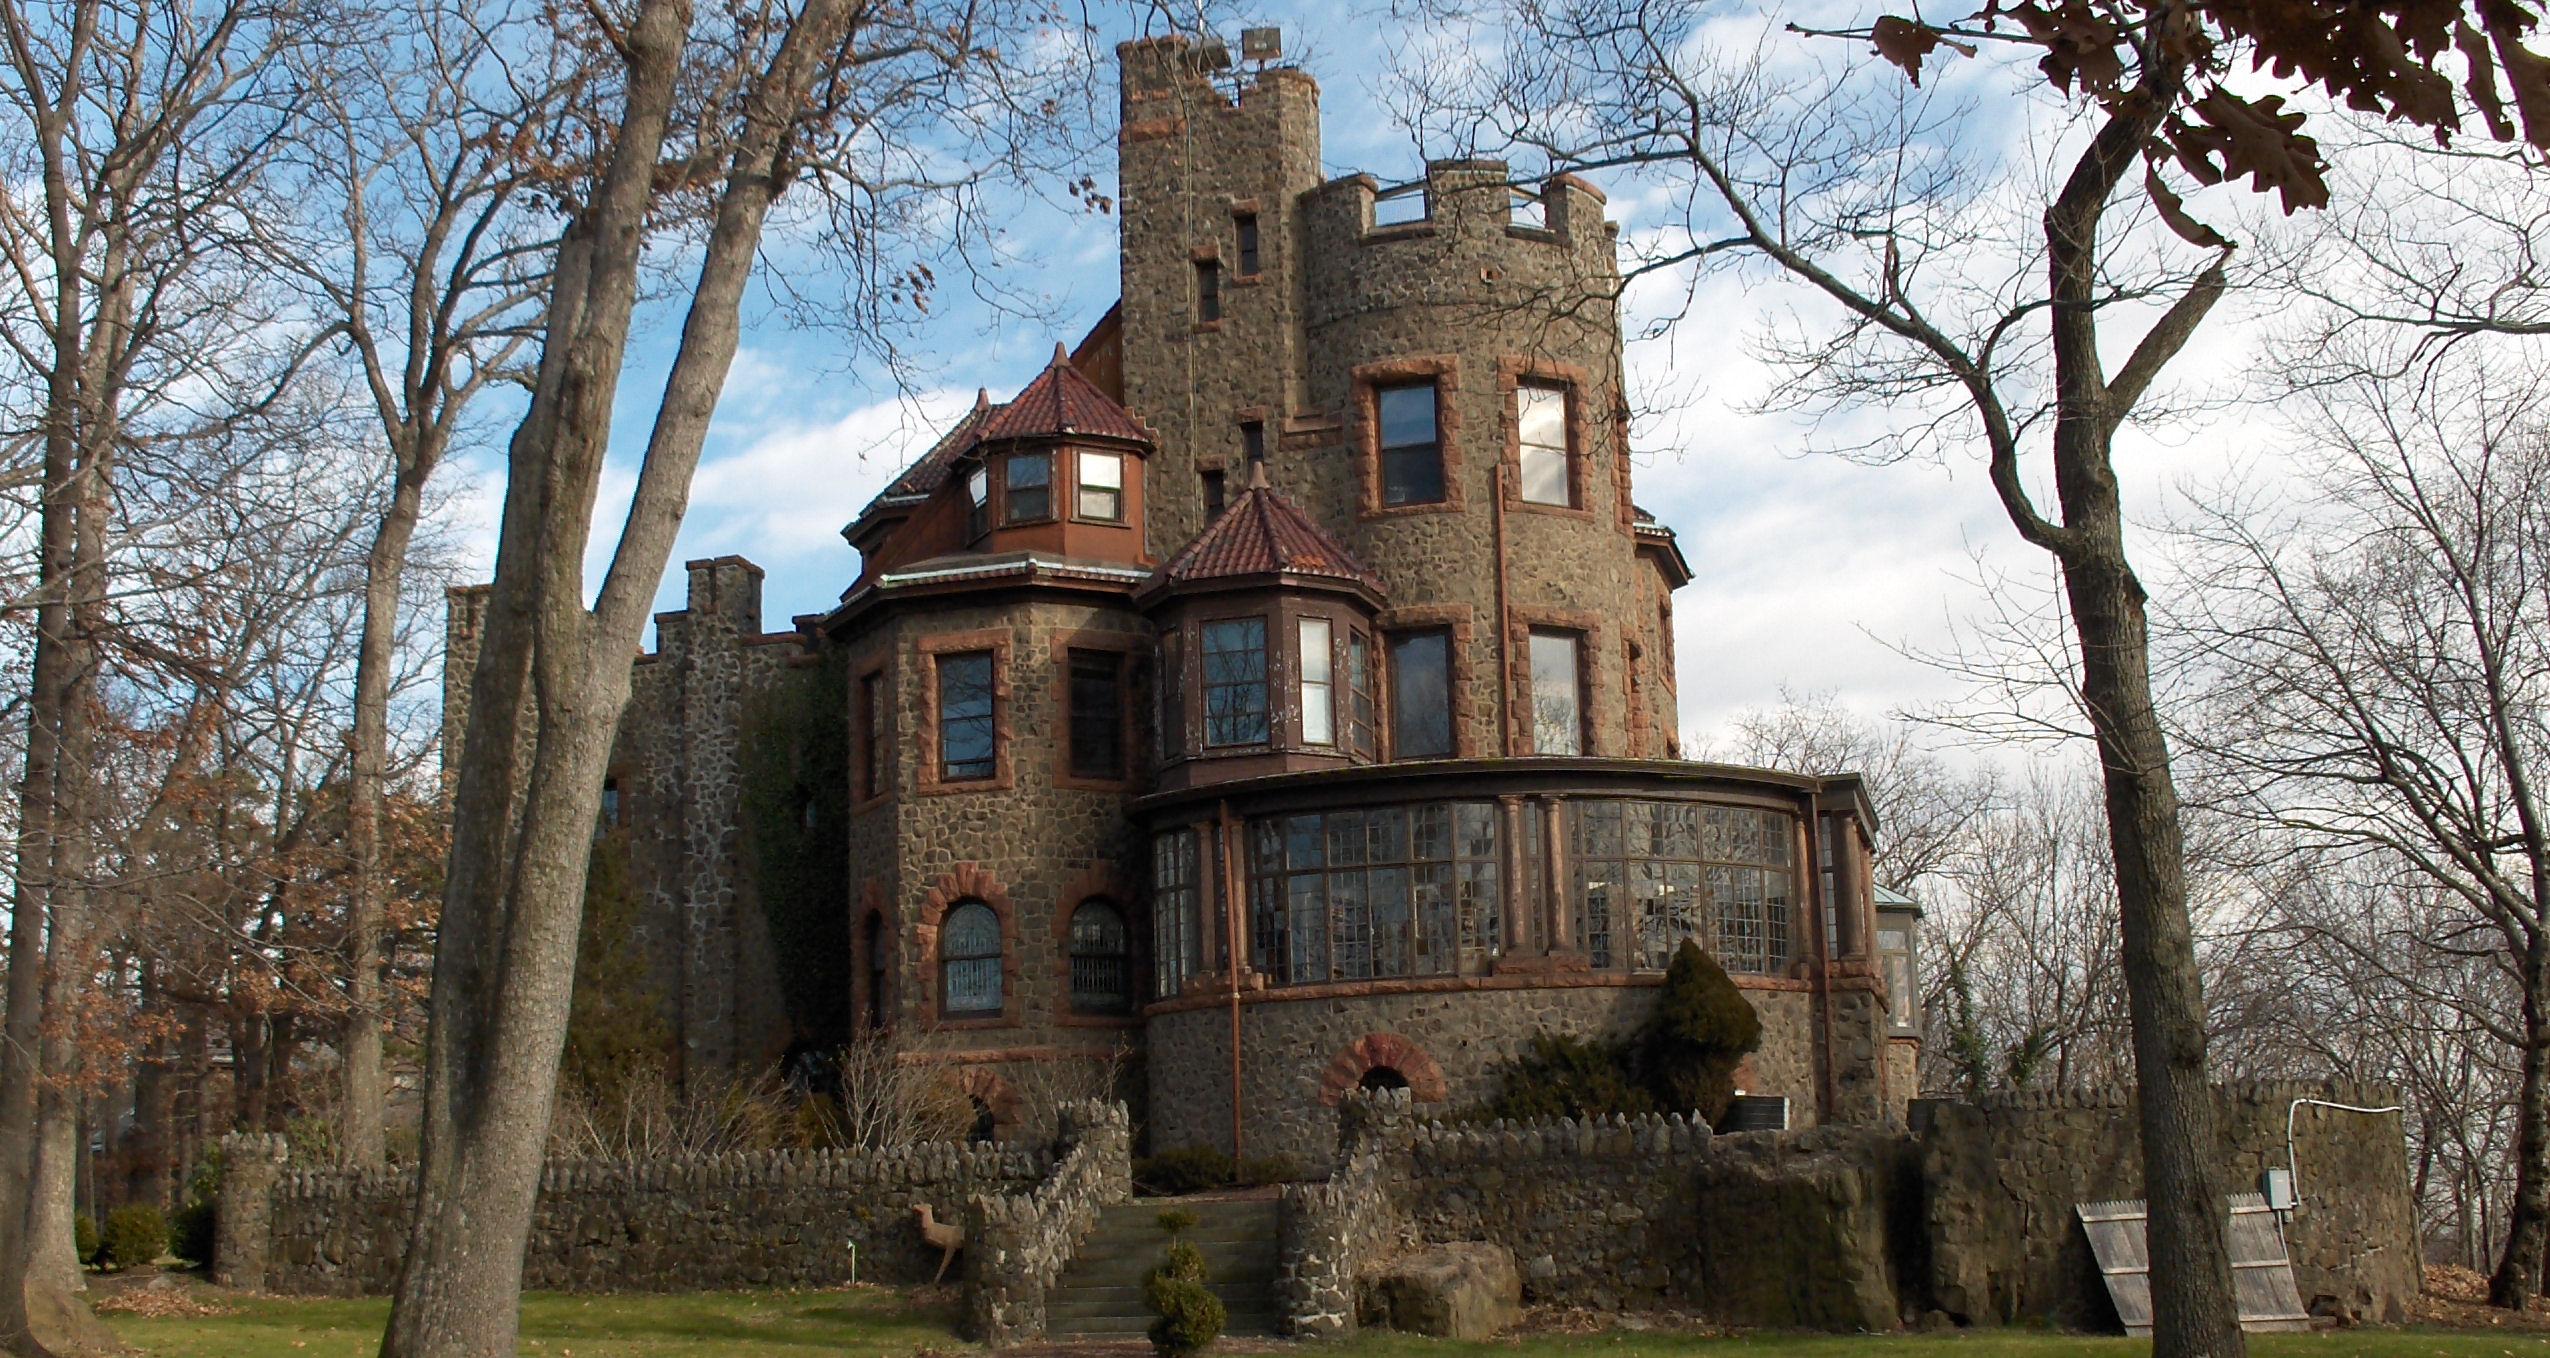 Estate weddings in nj - Kip S Castle Park Conservancy